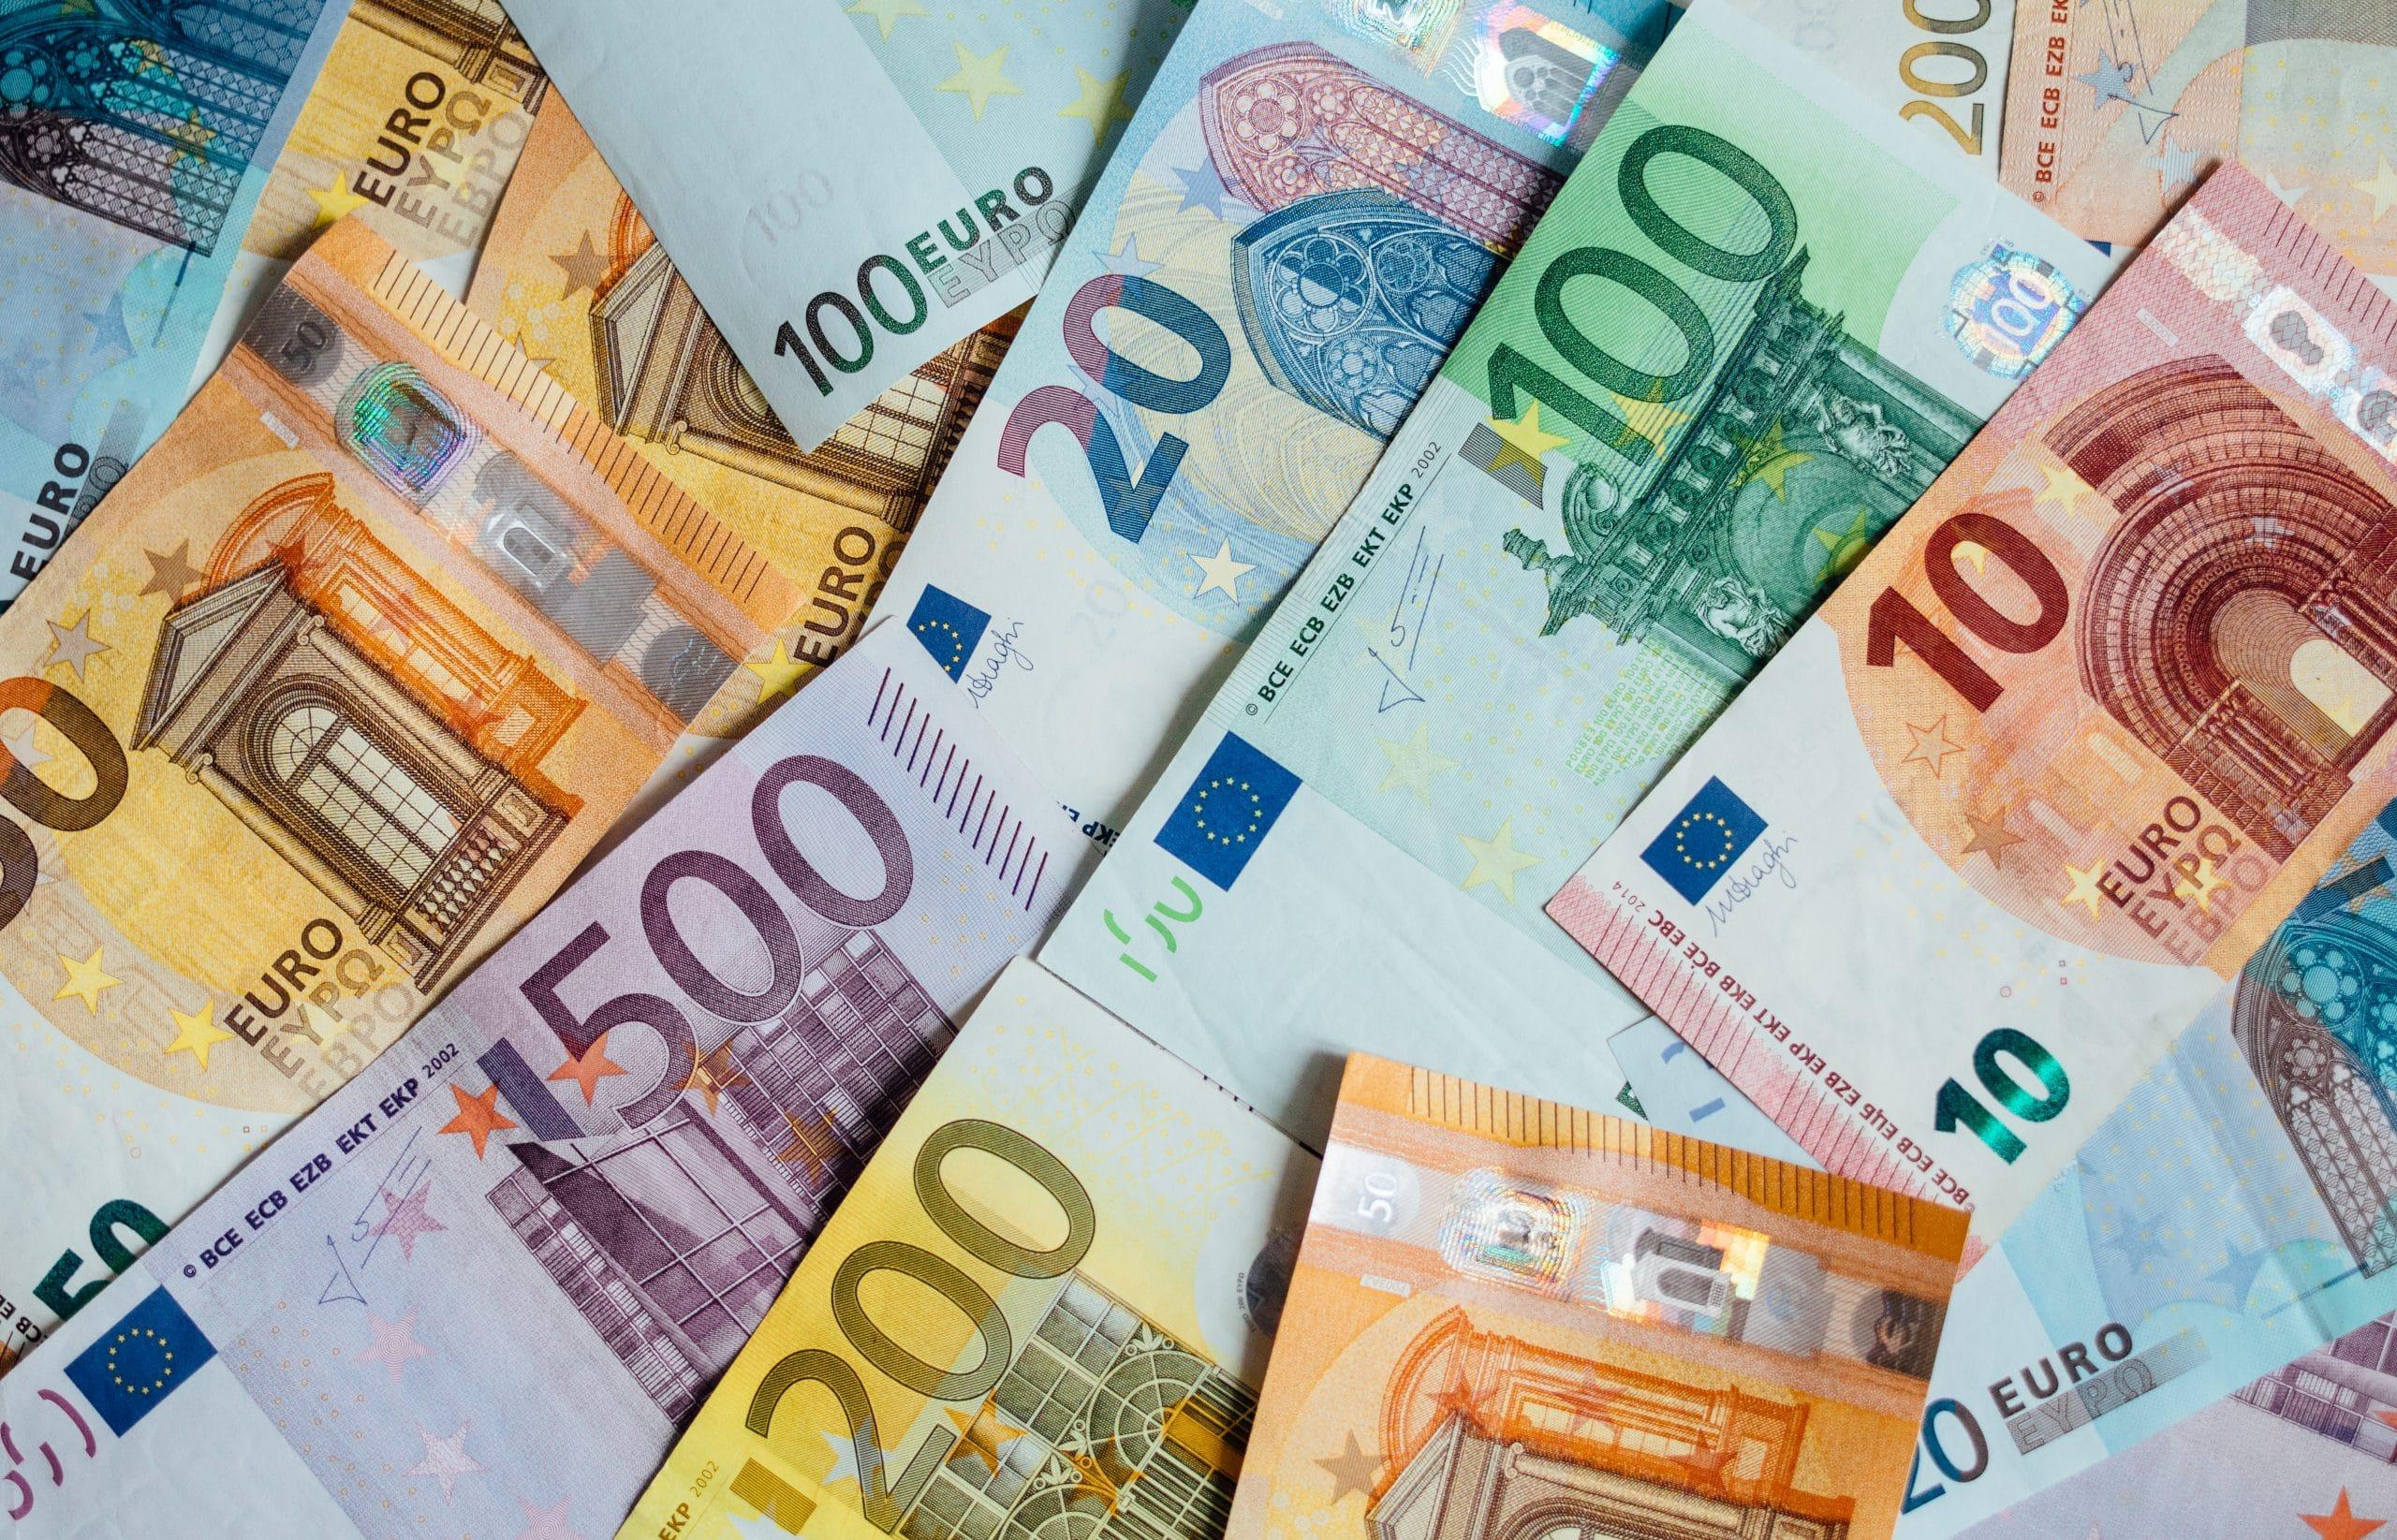 zwrot podatku dochodowego Niemcy - do kiedy czas?